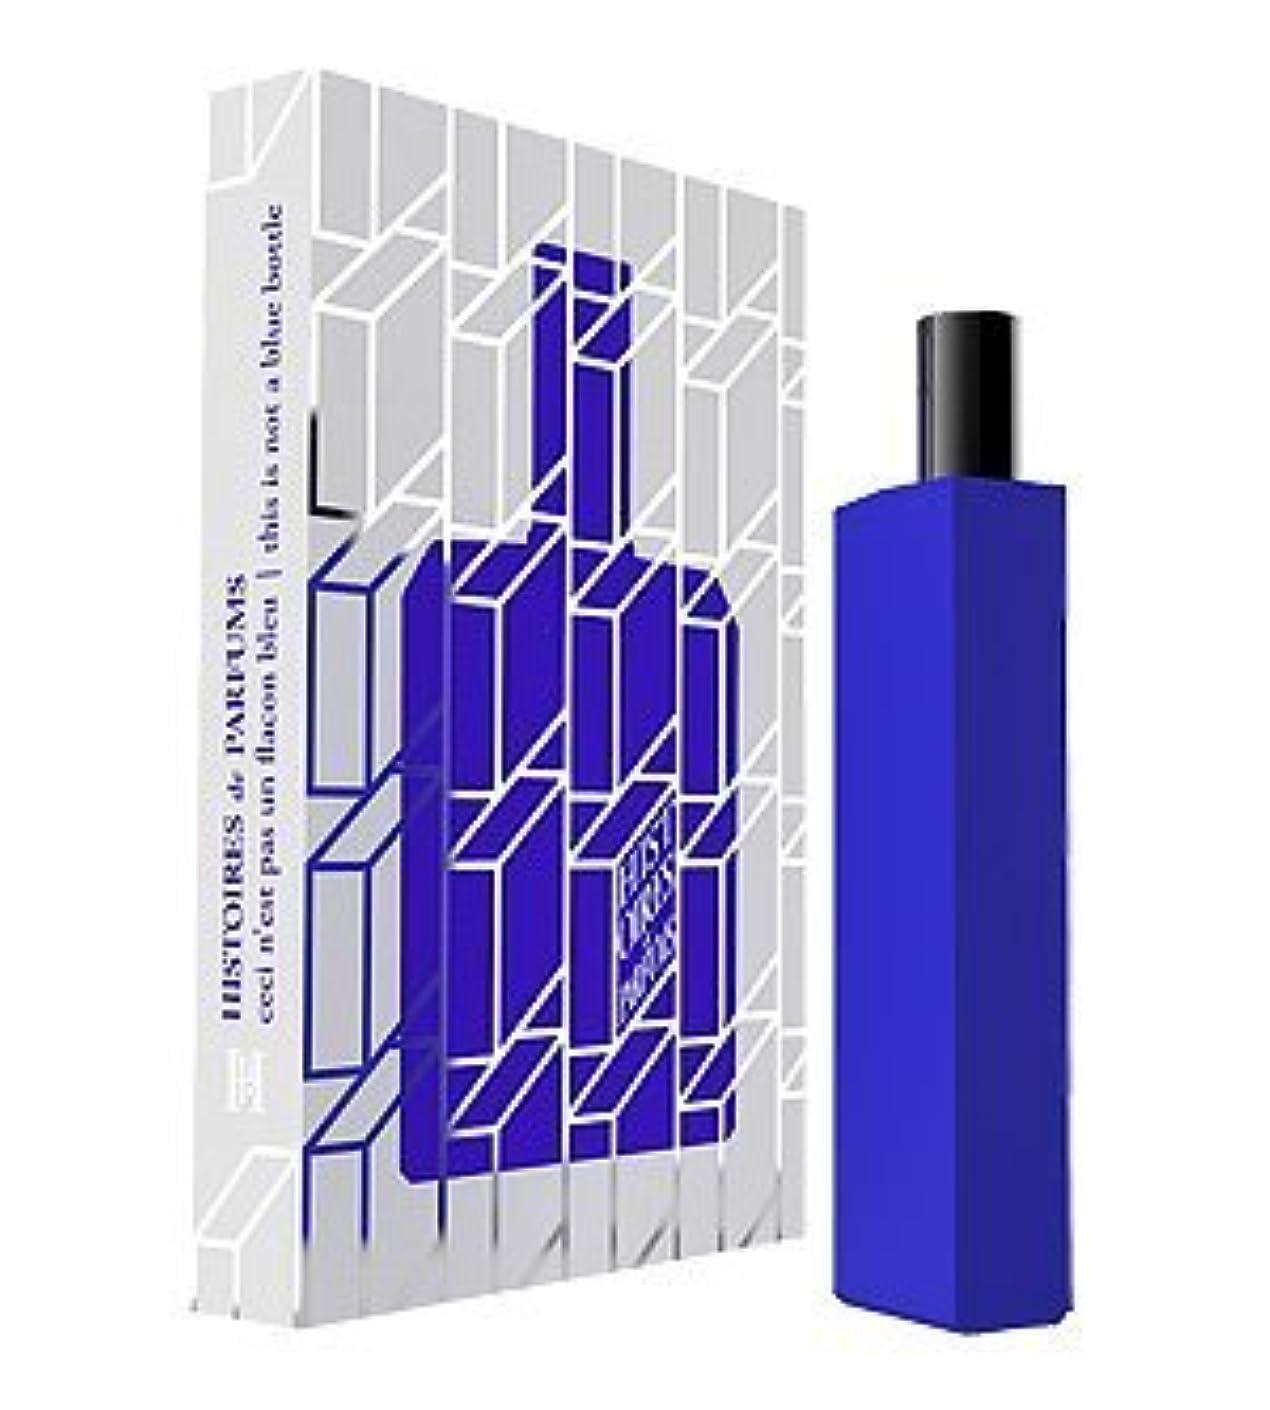 グレートオーク不十分な強打Histoires de Parfums This is not a Blue Bottle EDP 15ml(イストワール ドゥ パルファン ディス イズ ノット ア ブルー ボトル オードパルファン 15ml)[海外直送品] [並行輸入品]